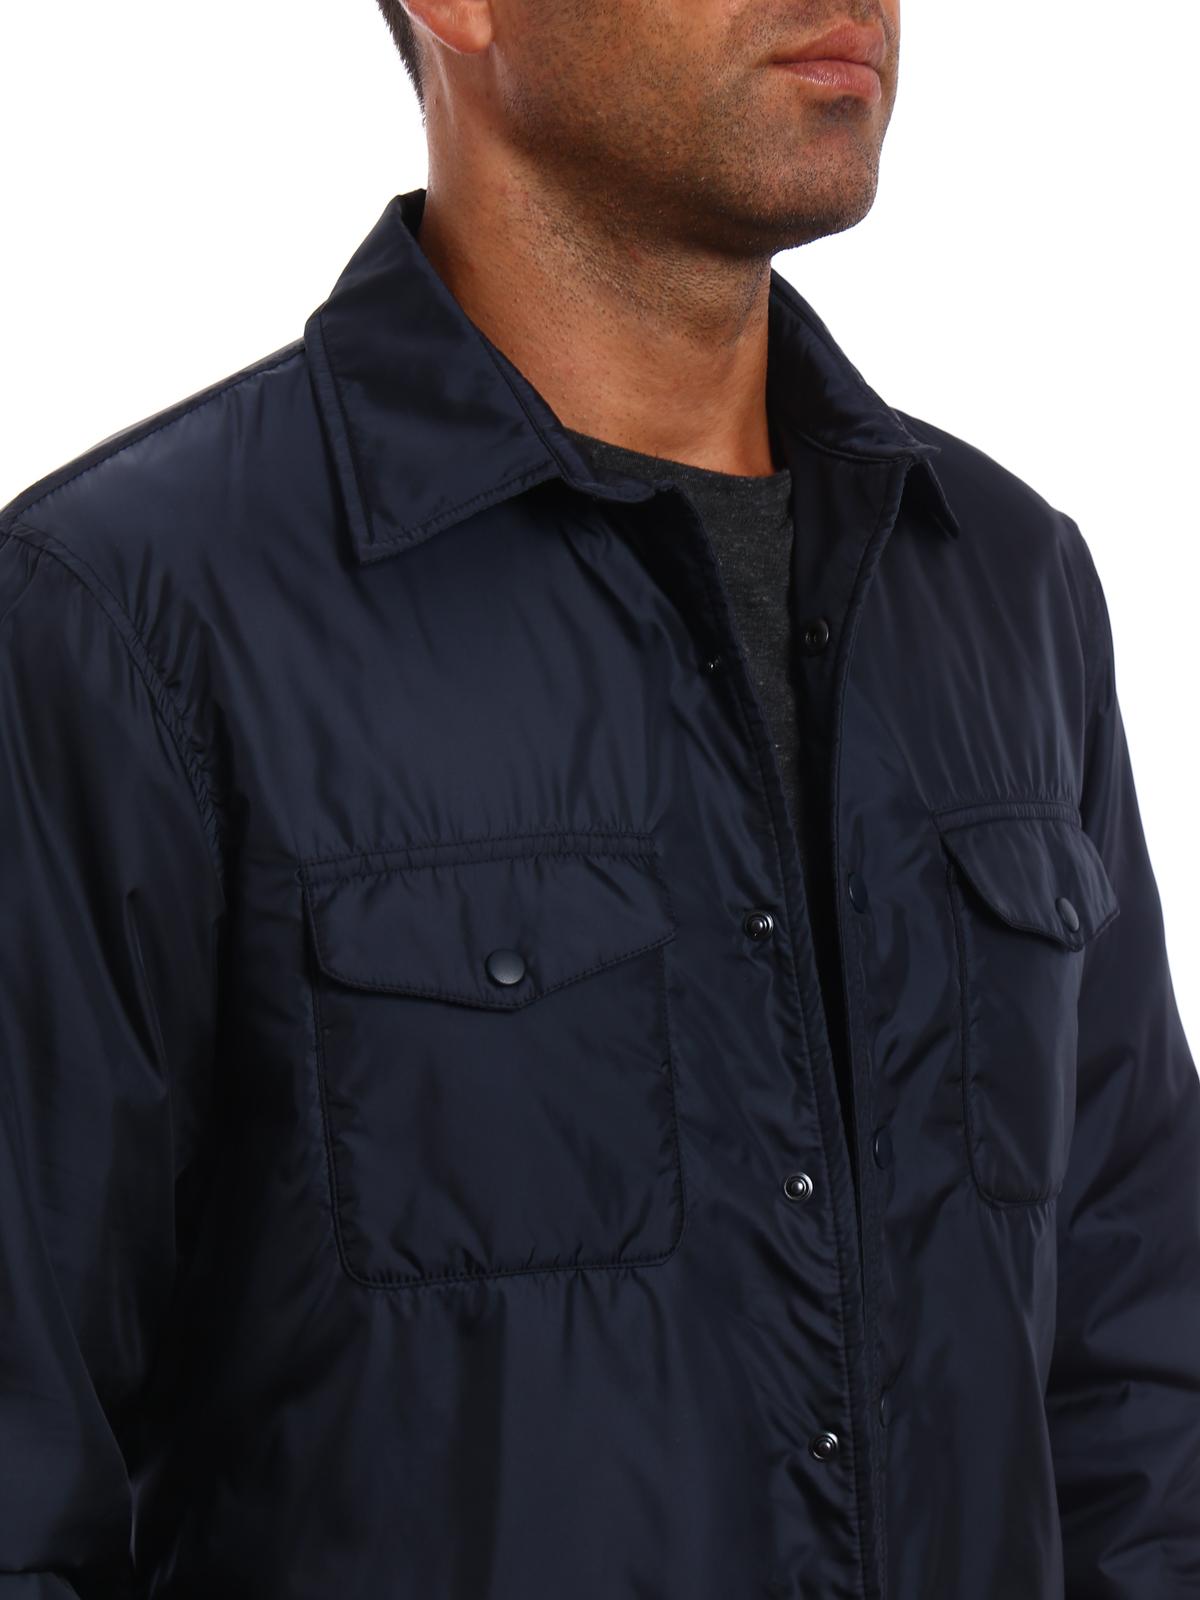 Giacche Aspesi Giacca I0297961 Casual In Camicia Nylon Modello wRCwXq